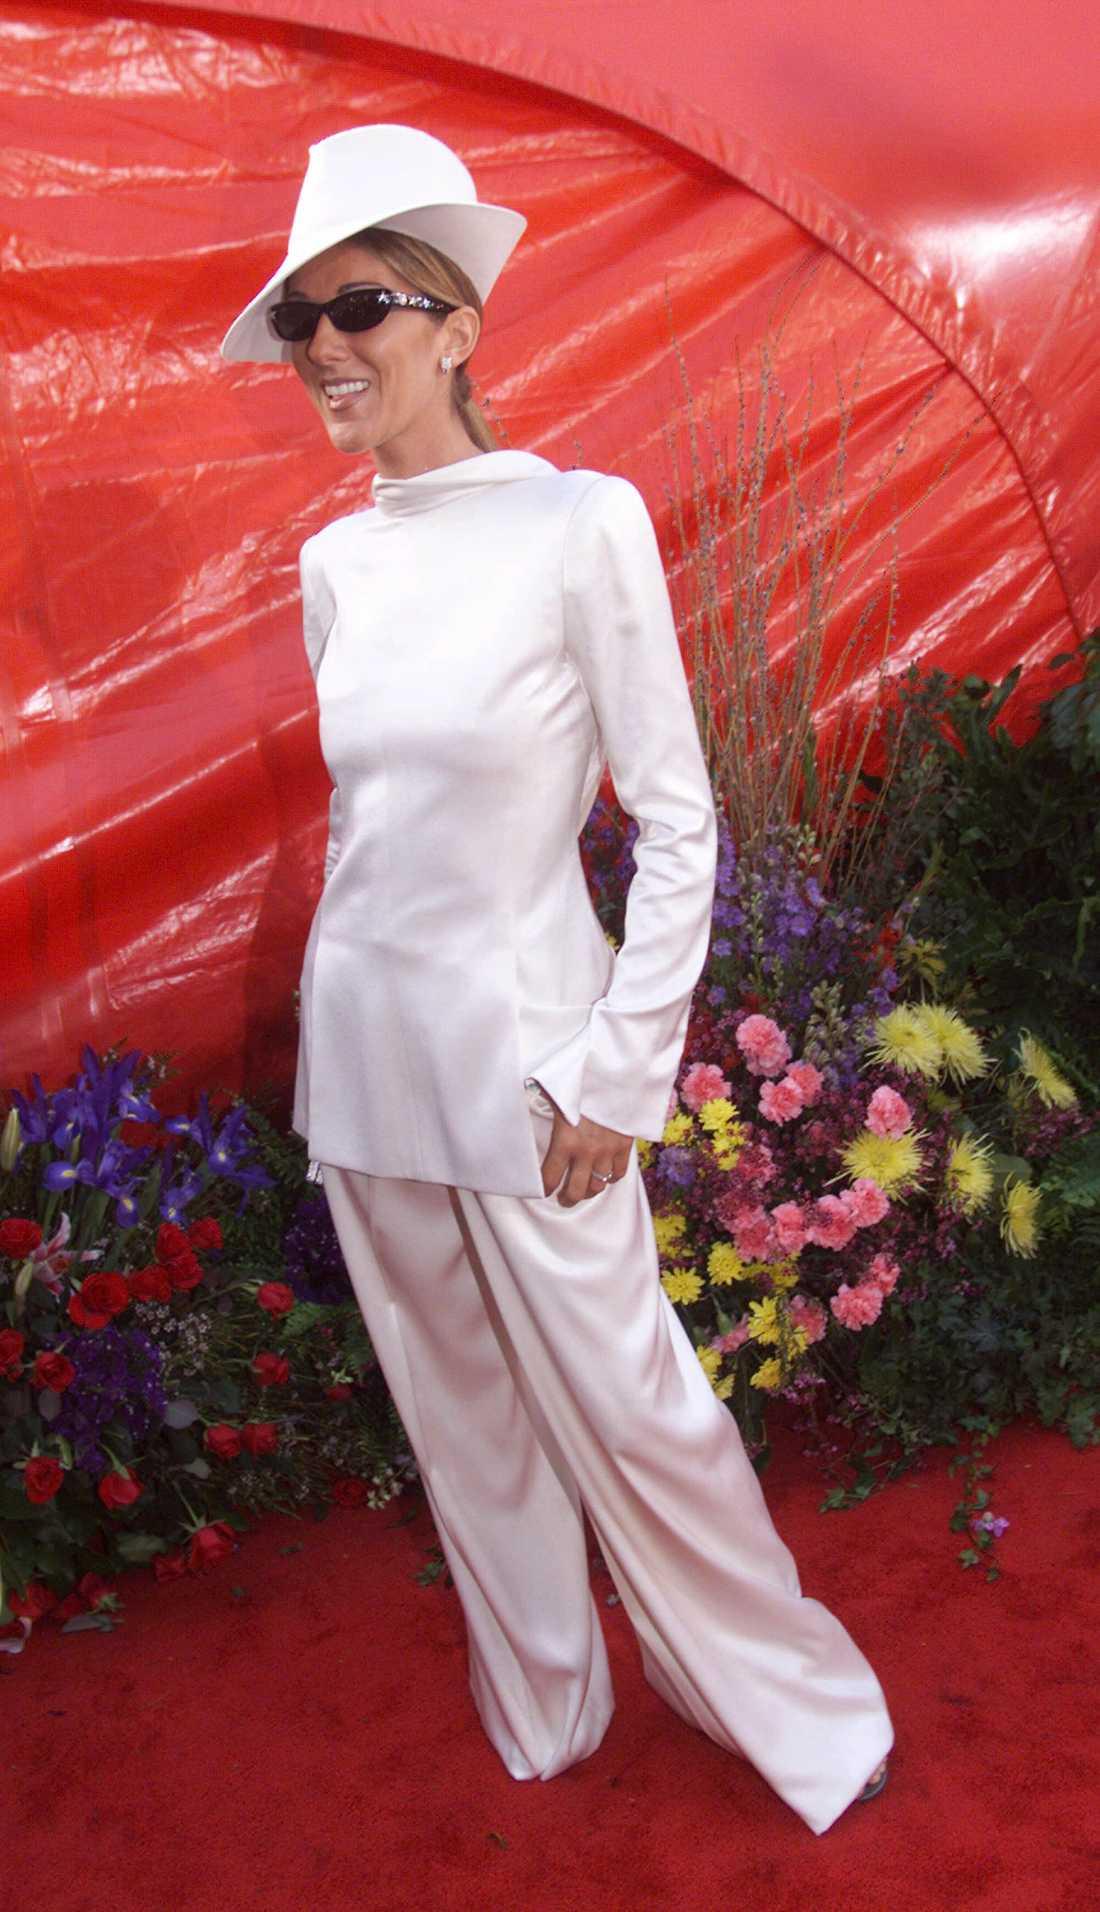 """Celine Dion 1999 """"Jag vet fortfarande inte om den här bakåtvända kostymen designad John Galliano matchad med en fedora och glittriga RayBans är en genilook eller bara galen? Då: kanske mer galen. Nu: spot on trendmässigt. Mode är konstigt ändå!"""""""